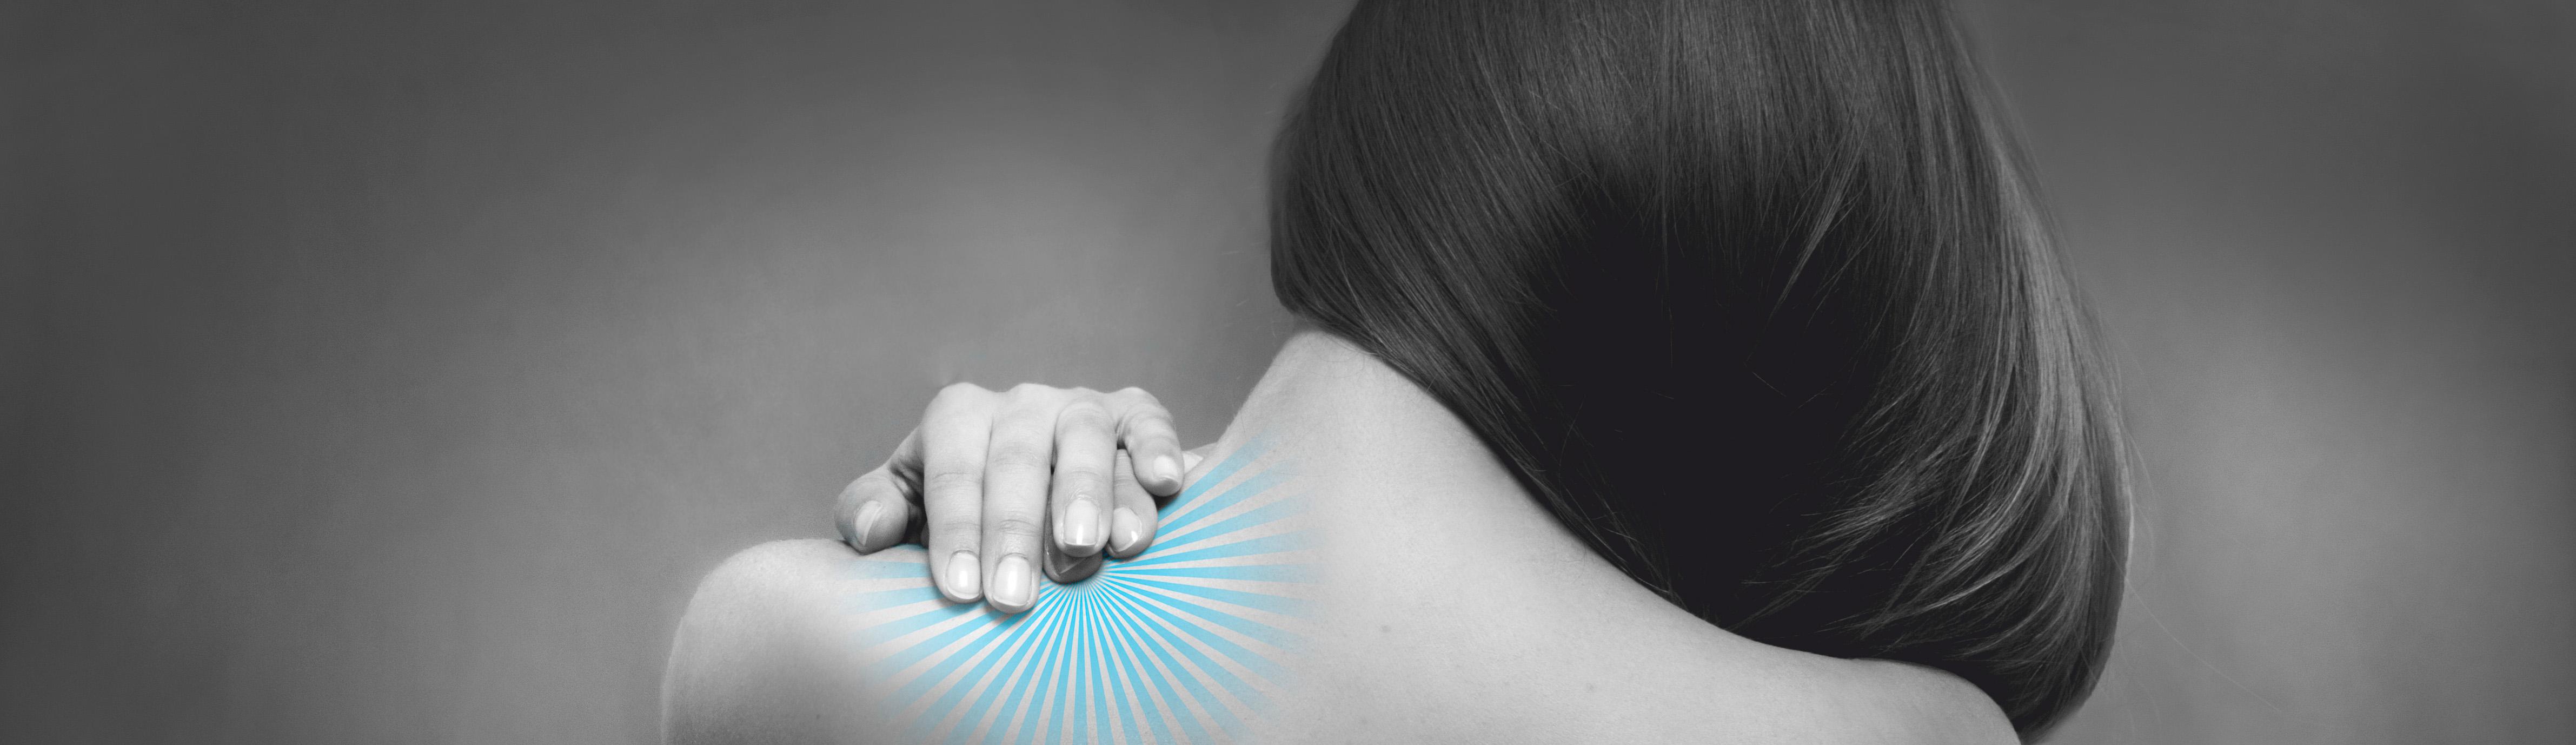 homeopátia a csípőízületi gyulladás kezelésében váll diszlokációs kezelés